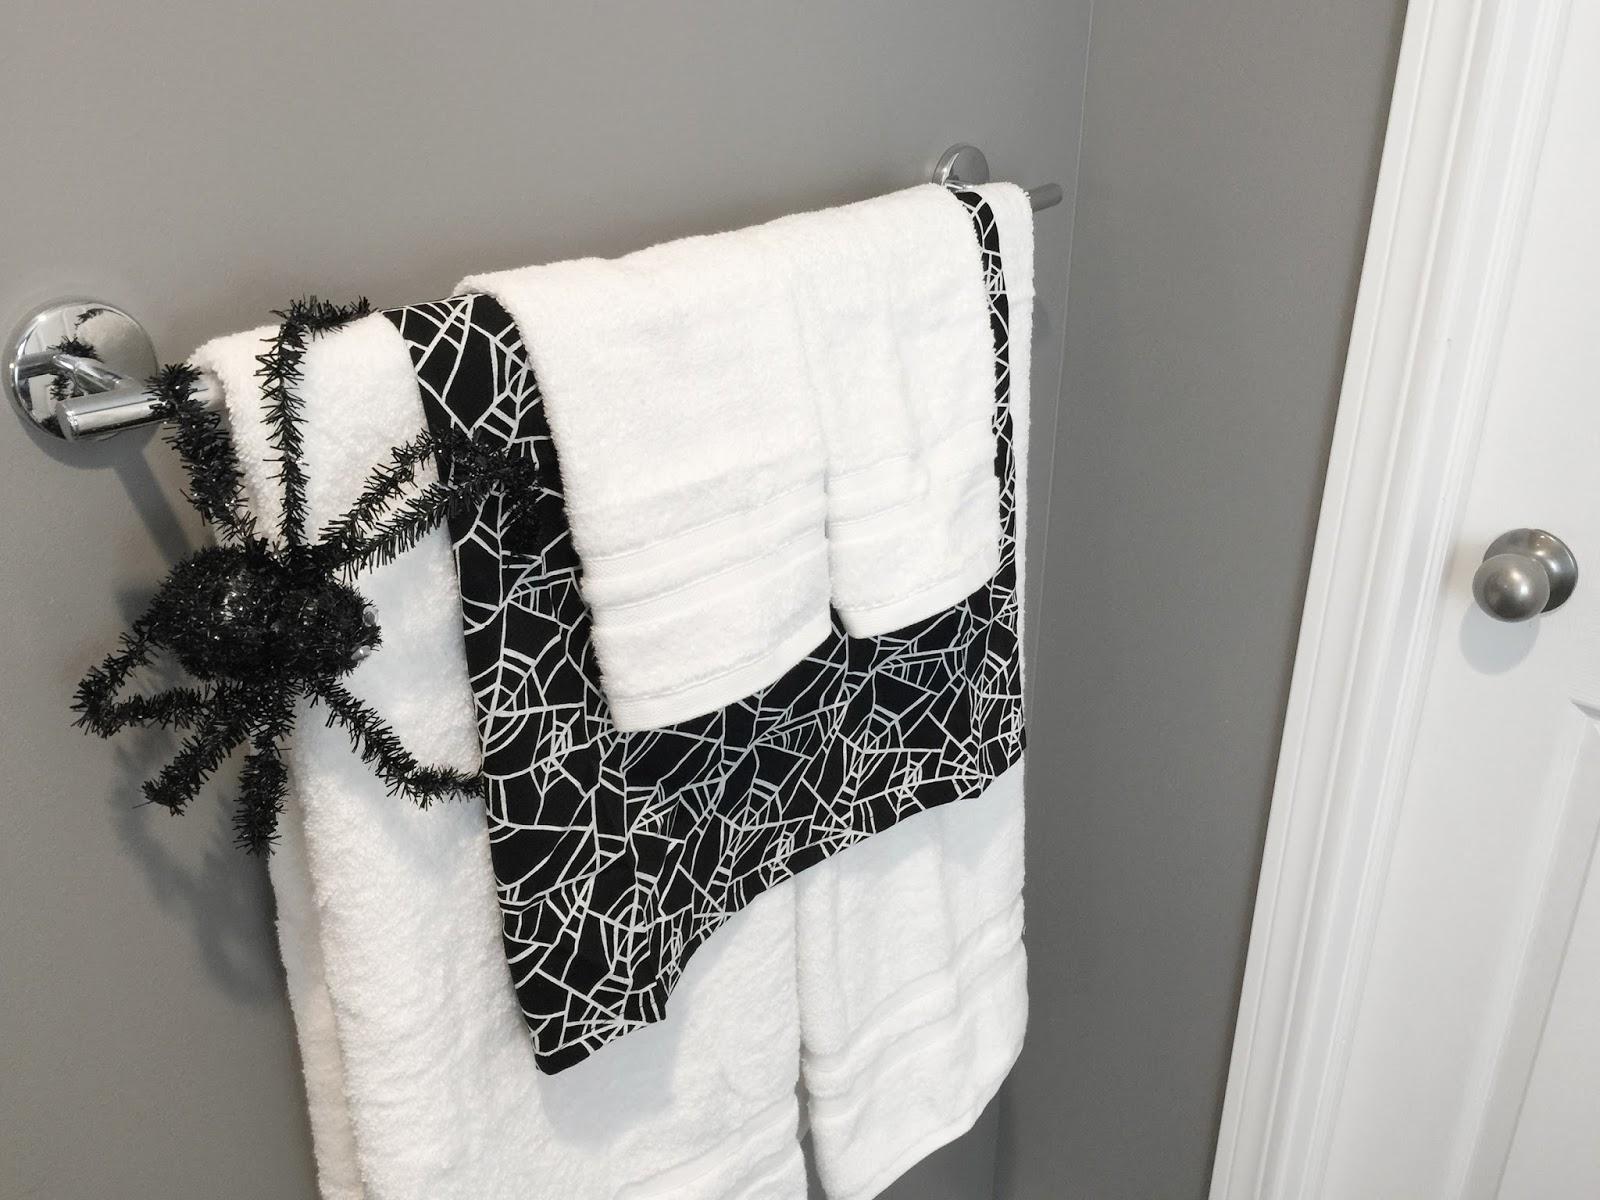 Hanging Hanger Bats | Halloween Crafts